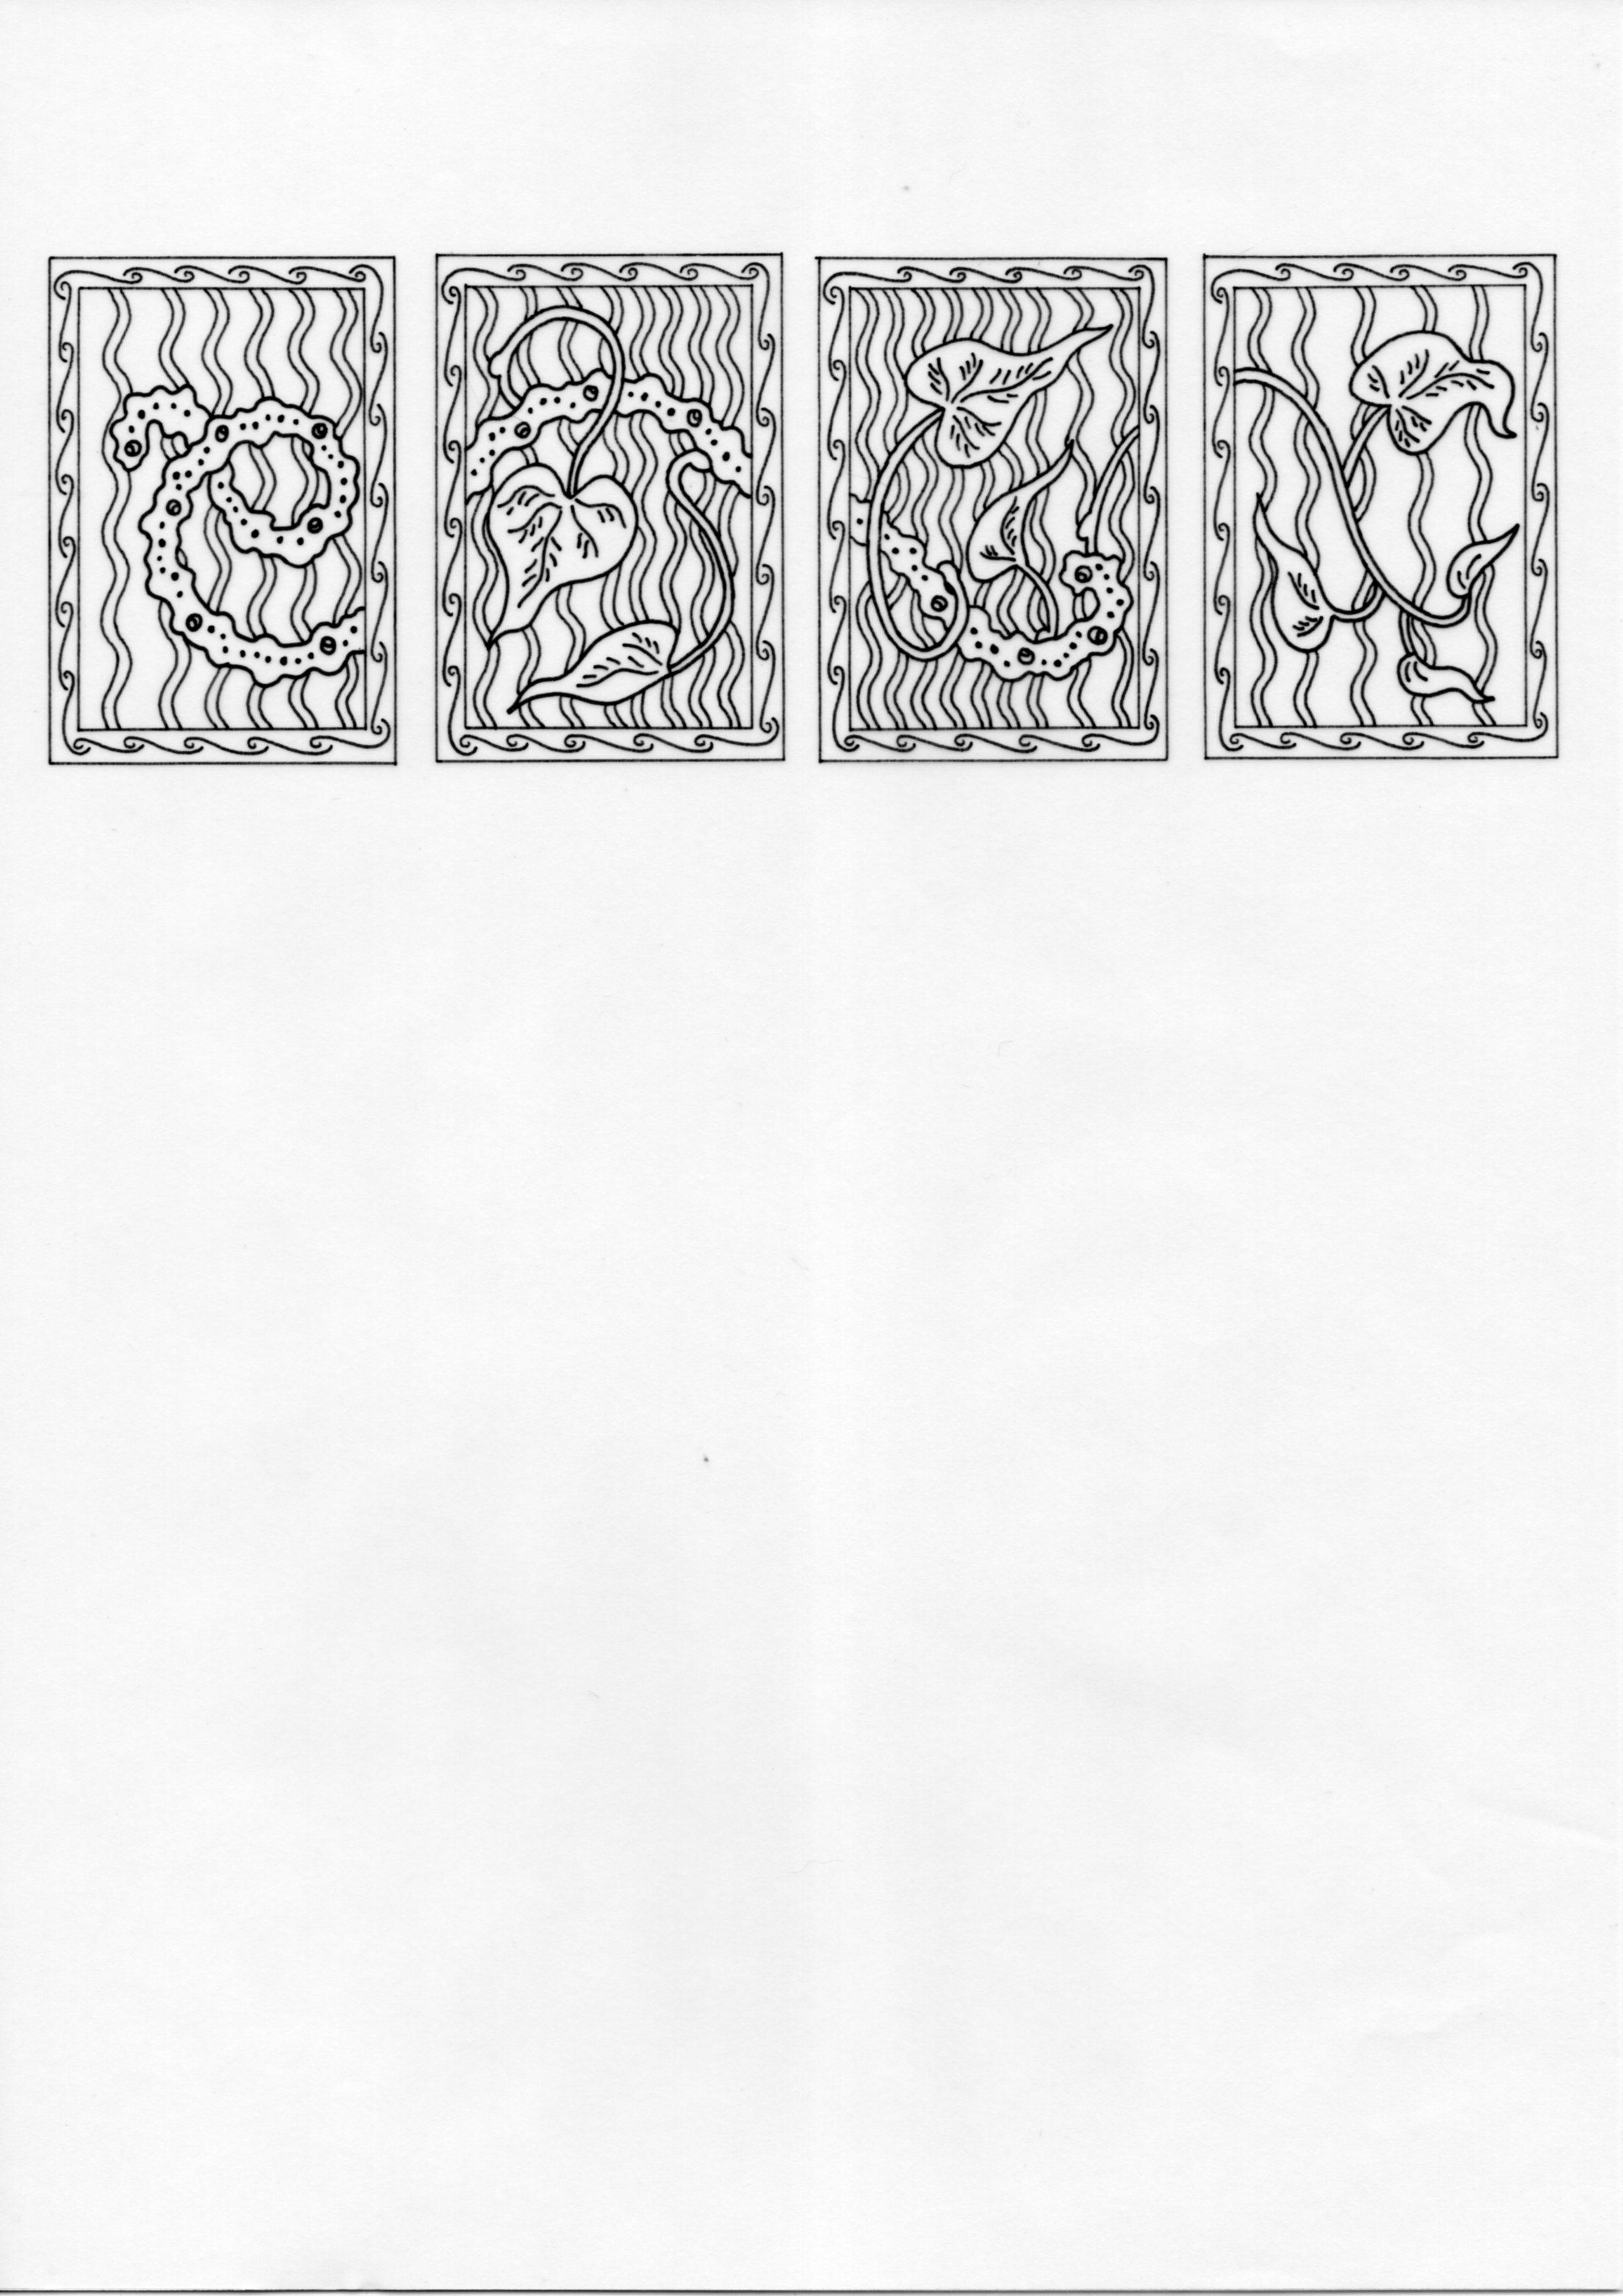 Ambulatory Tilospora – Inked Drawings